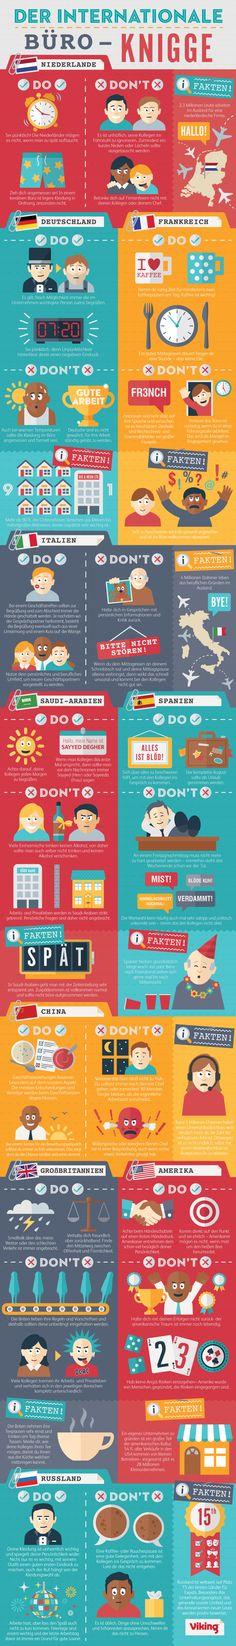 Büro Tipps (nicht nur) für Mamas: Internationaler Büro-Knigge